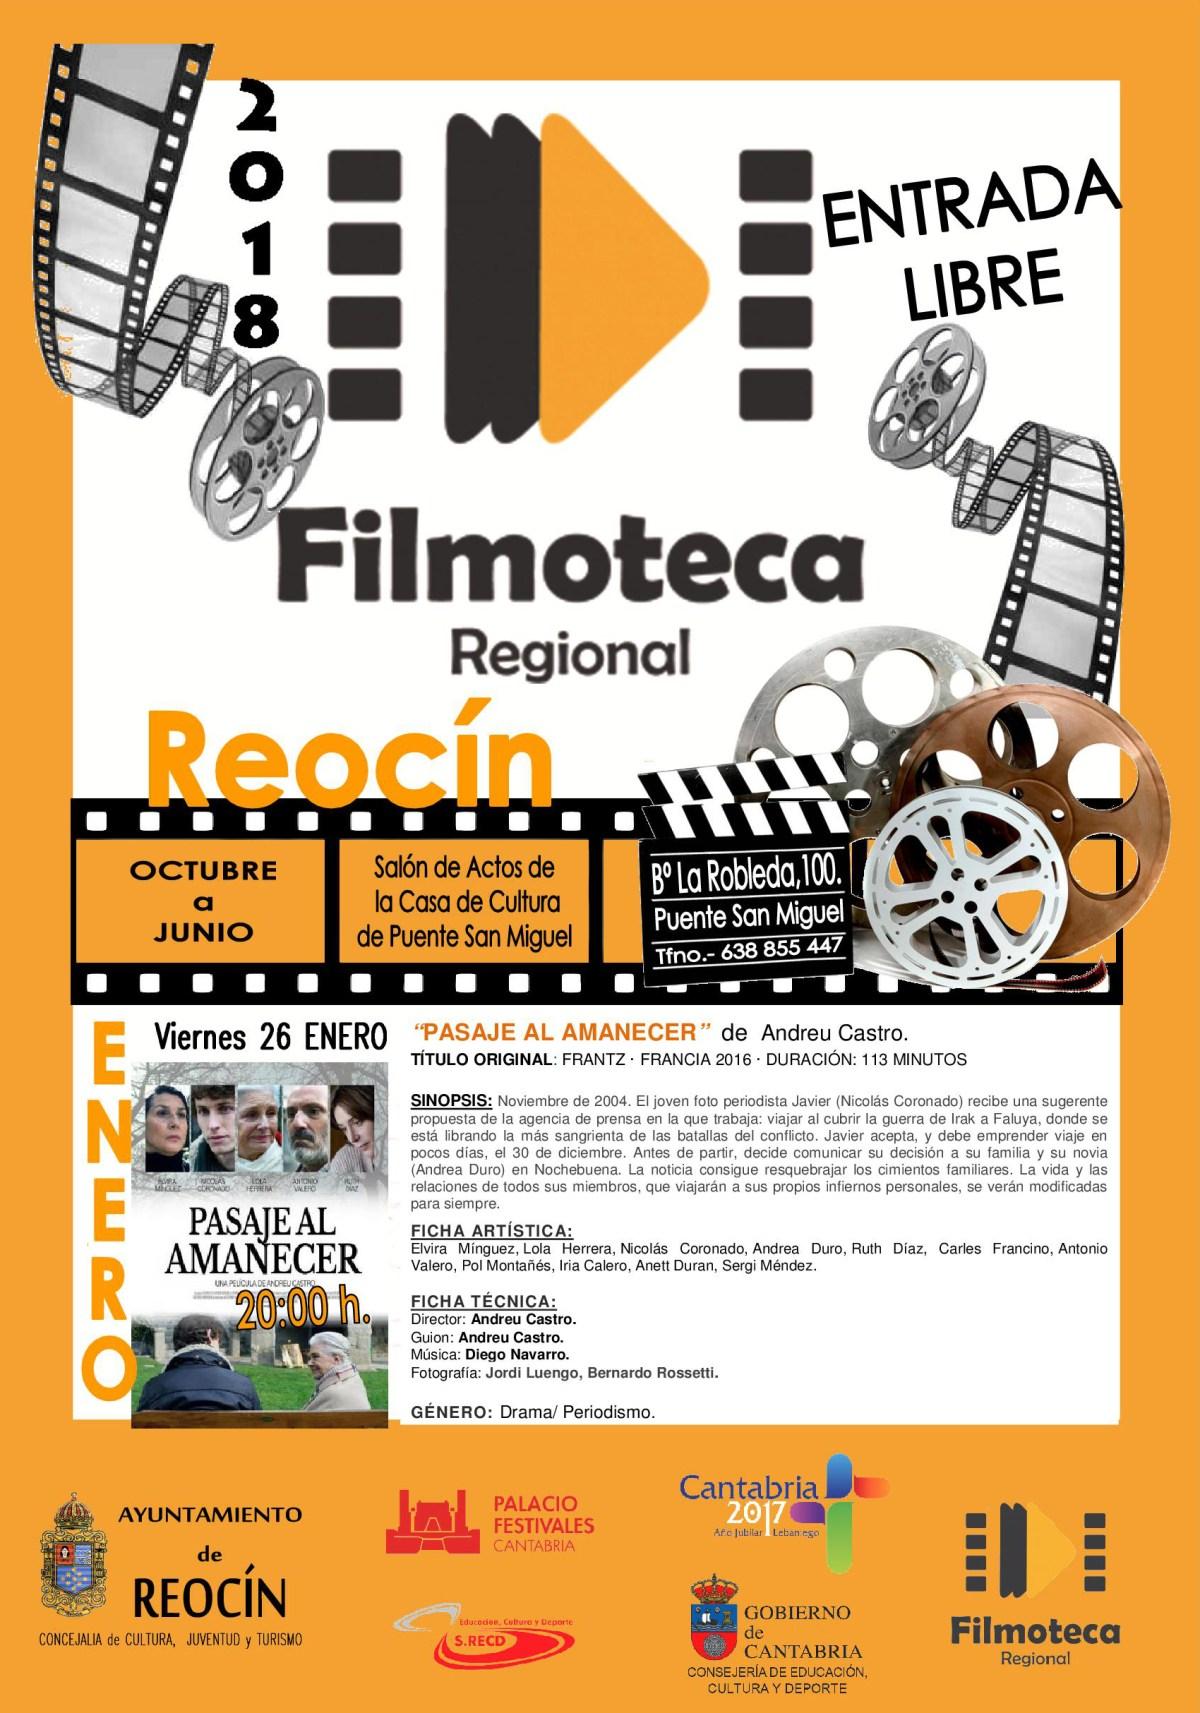 FILMOTECA 26 ENERO 2018